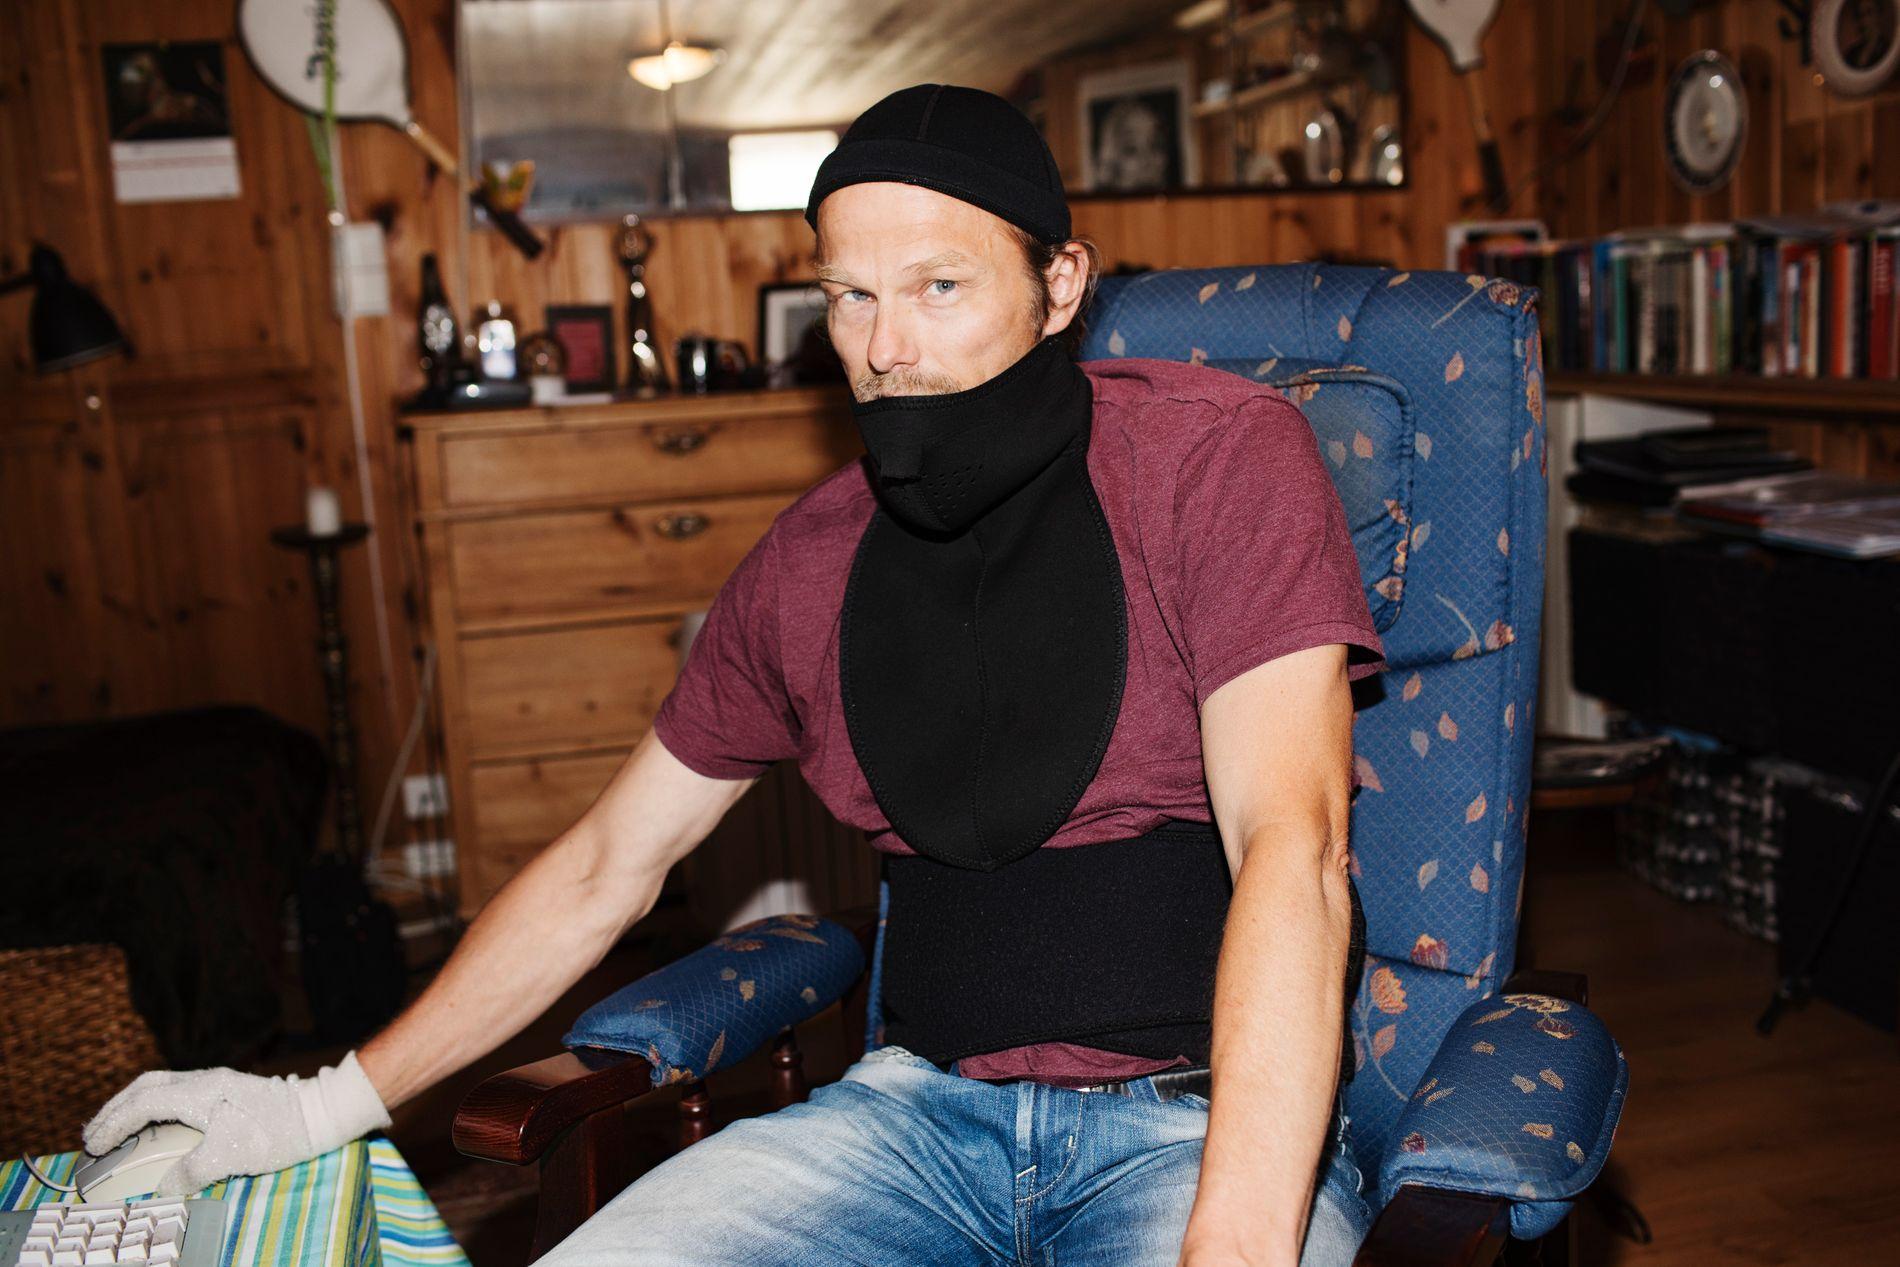 NEOPREN MOT STRÅLING: Odd-Erik Helgesen har skrevet to bøker om elfølsomhet. VG møter ham i hans leilighet i Tønsberg. Hodet, halsen og magen dekker han med neopren for å skjerme seg mot stråling. På hånden har han en sølvhanske.